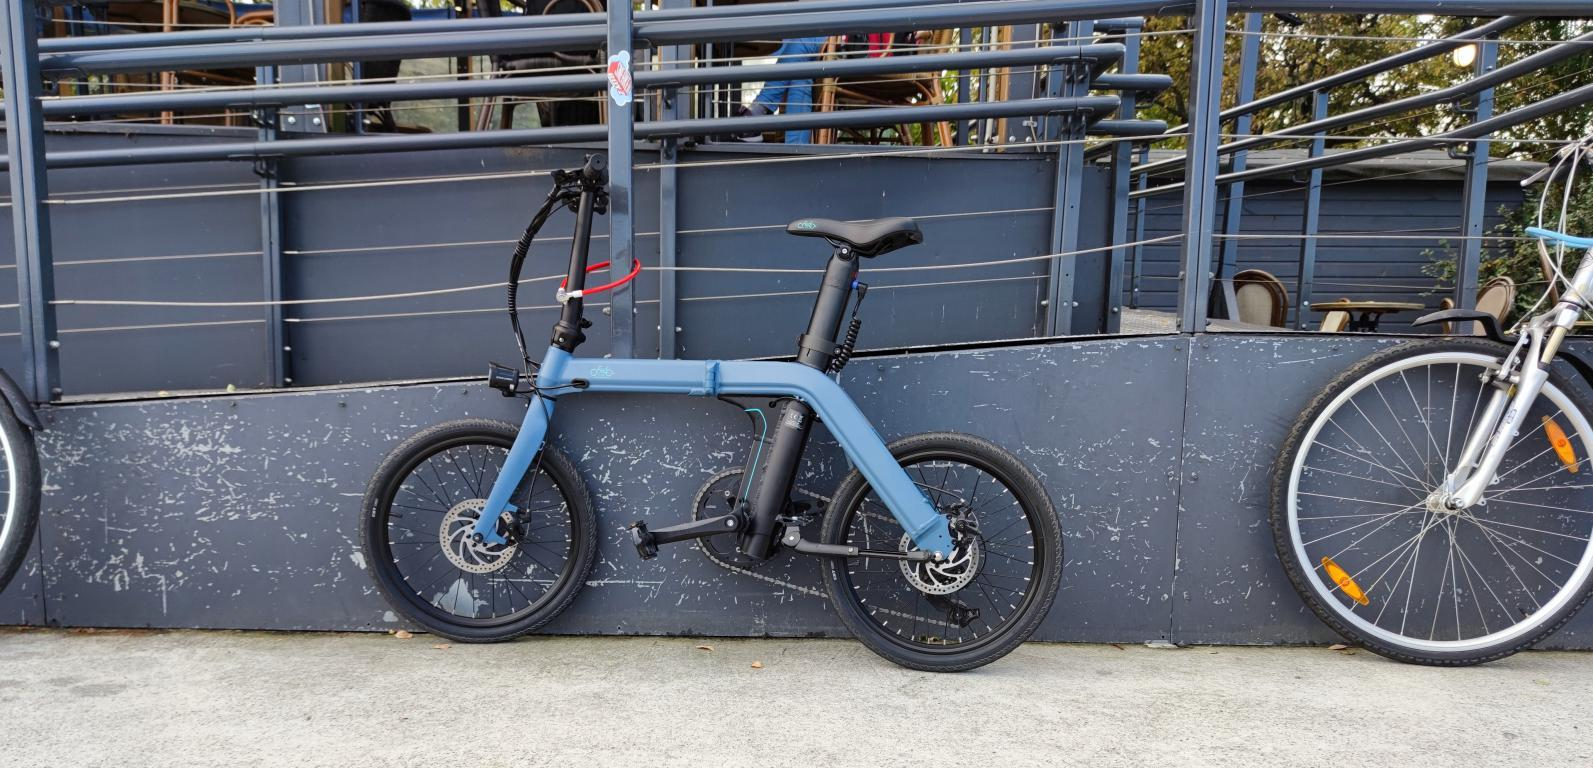 Fiido D11 - recenzja roweru elektrycznego - parkowanie